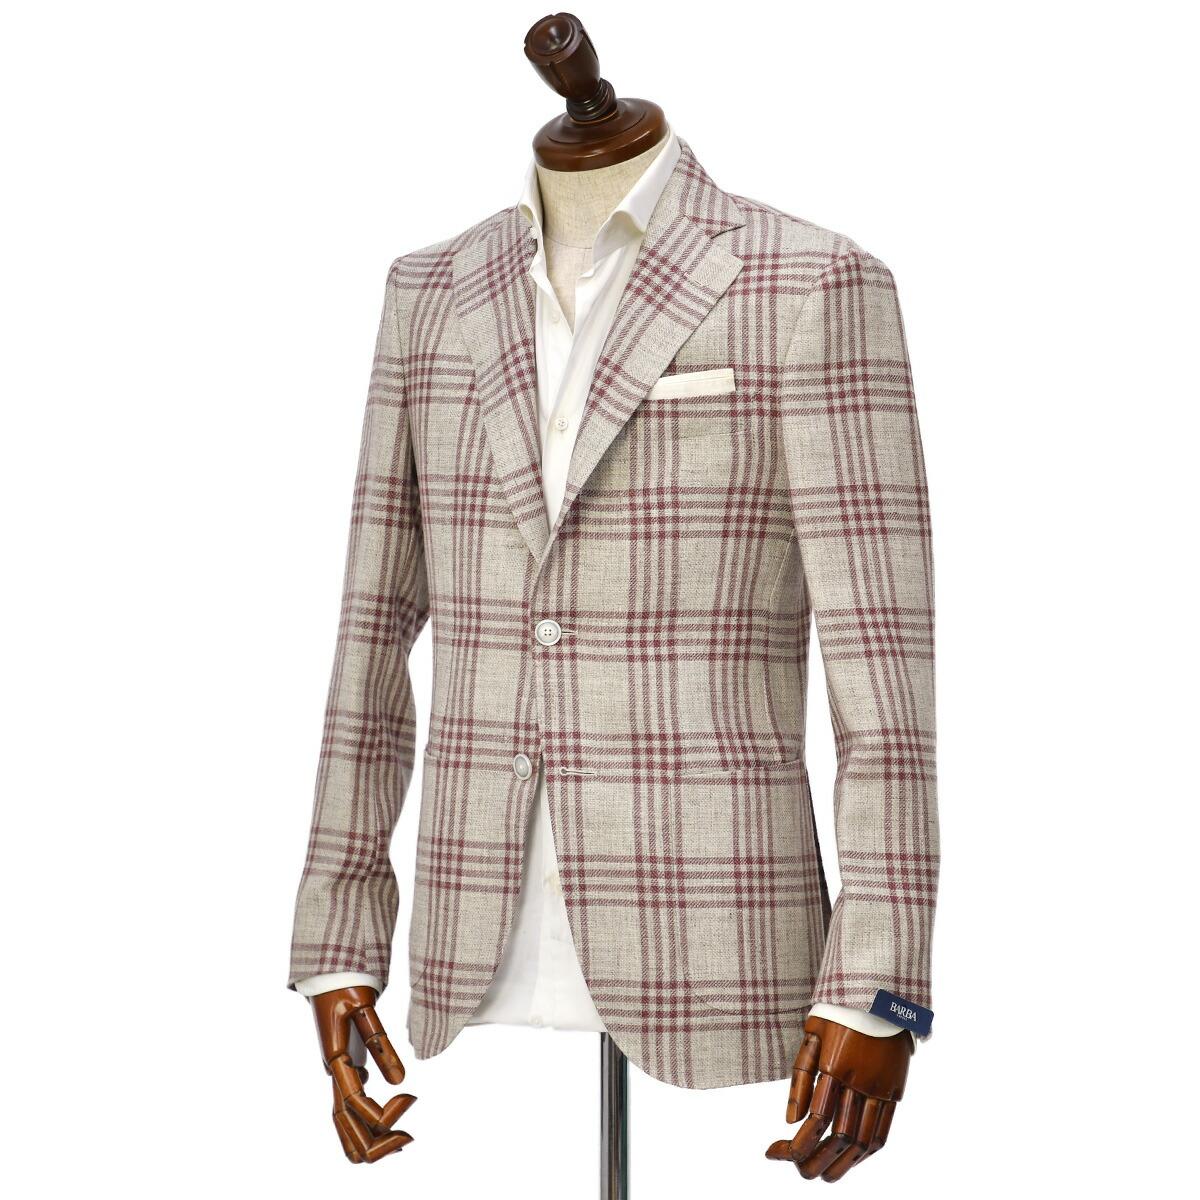 BARBA【バルバ】シングルジャケット GLAR 1218001 リネン ウール チェック アイボリー×ピンク